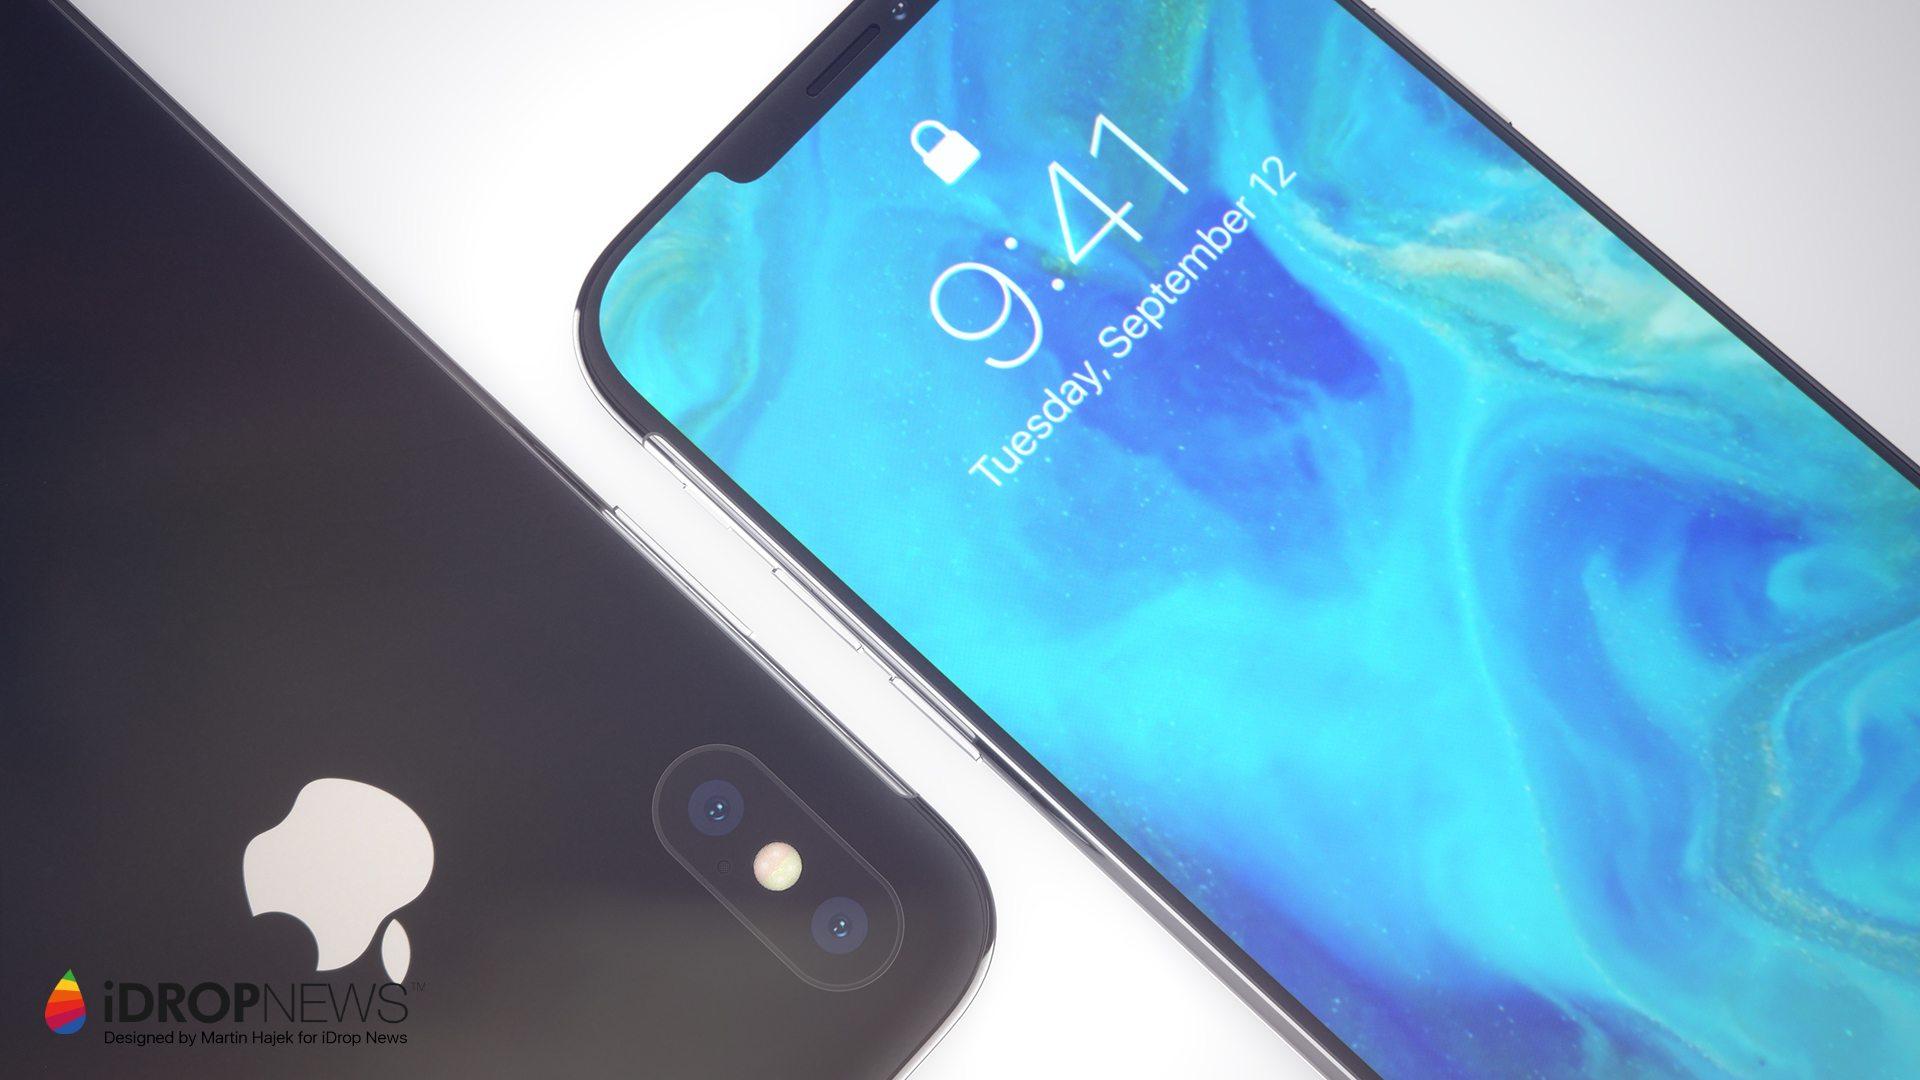 Kẻ kế nhiệm iPhone X lộ diện concept đẹp như mơ - Hình 2